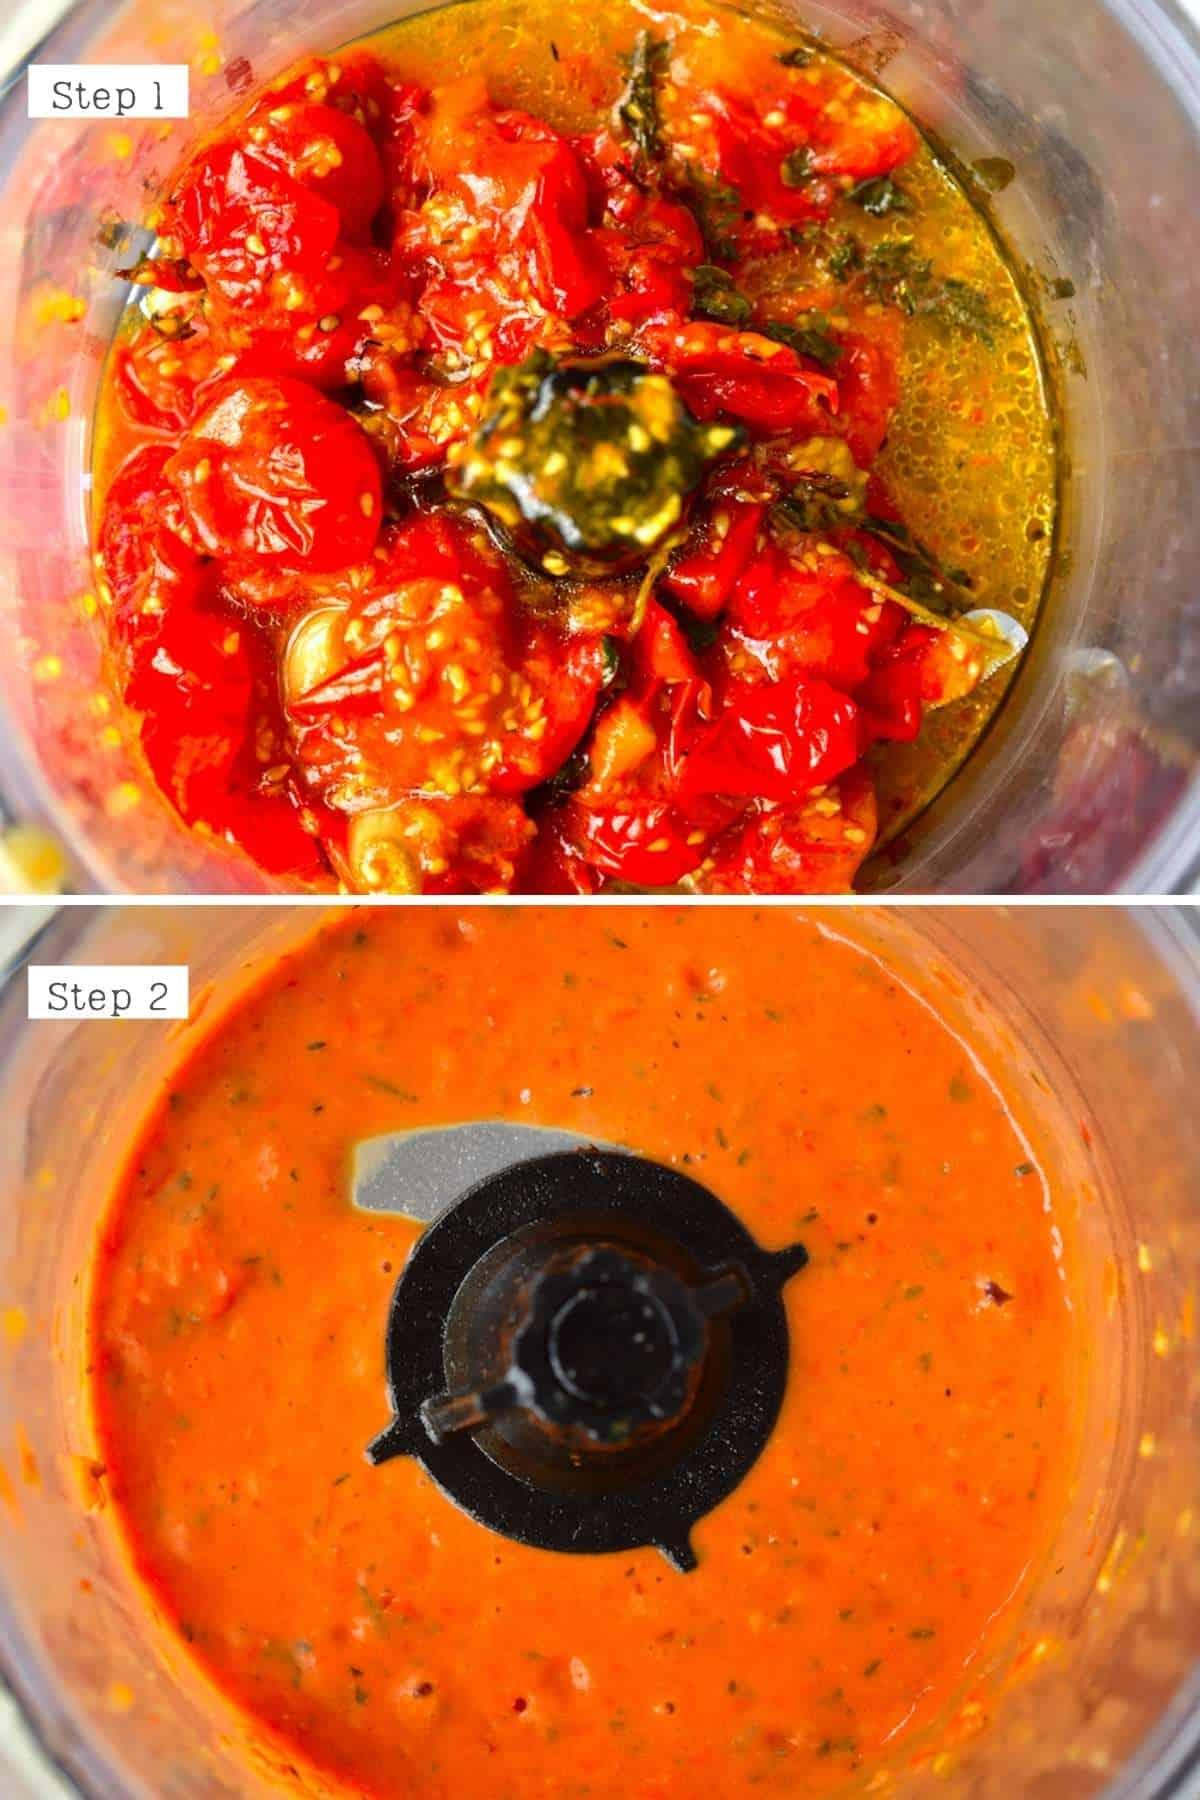 Steps for blending tomato sauce